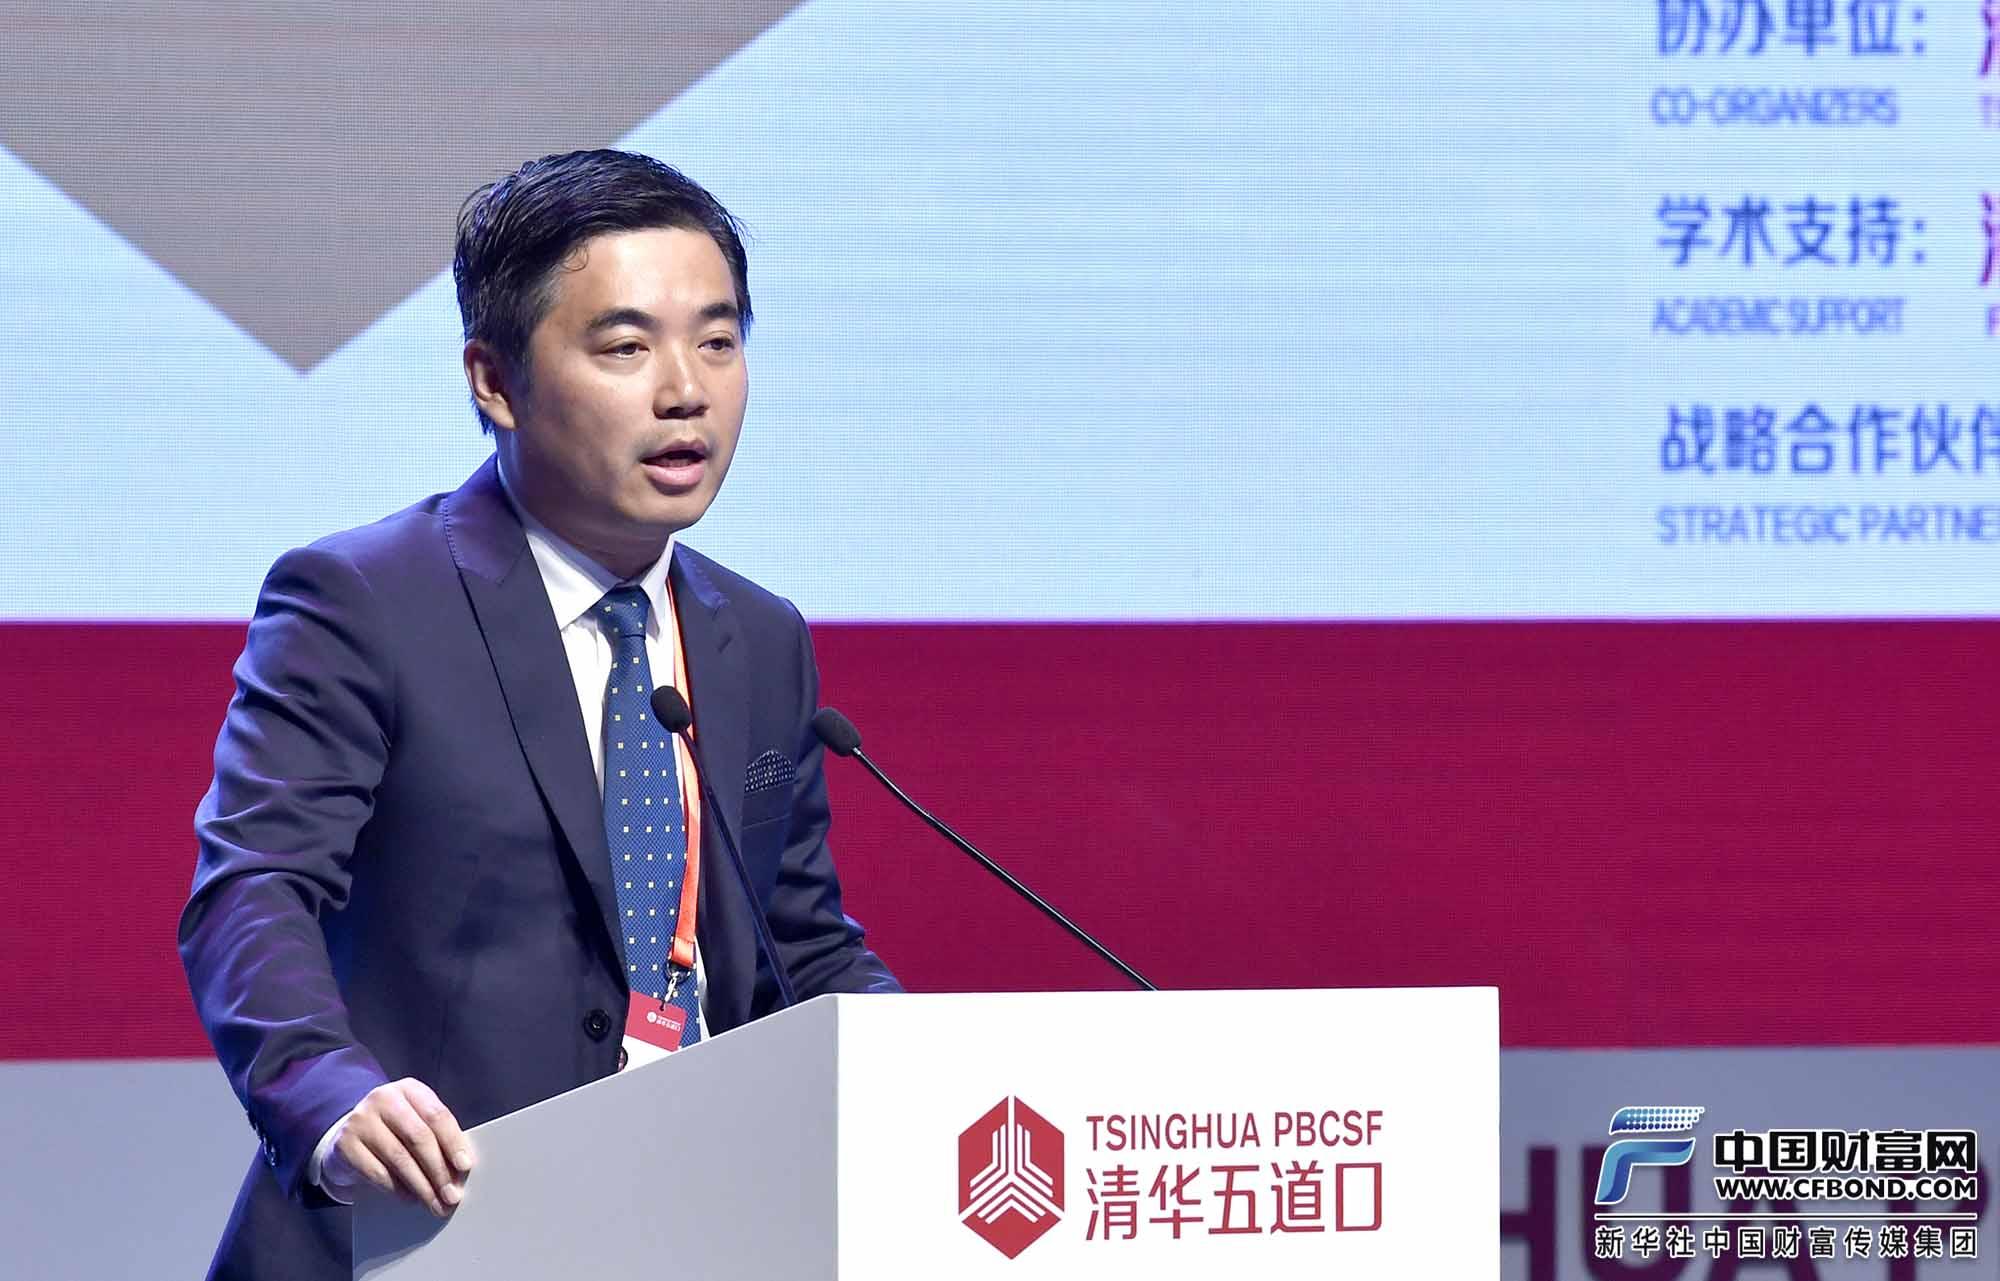 主题演讲:上海冰鉴信息科技有限公司创始人、董事长、首席执行官顾凌云